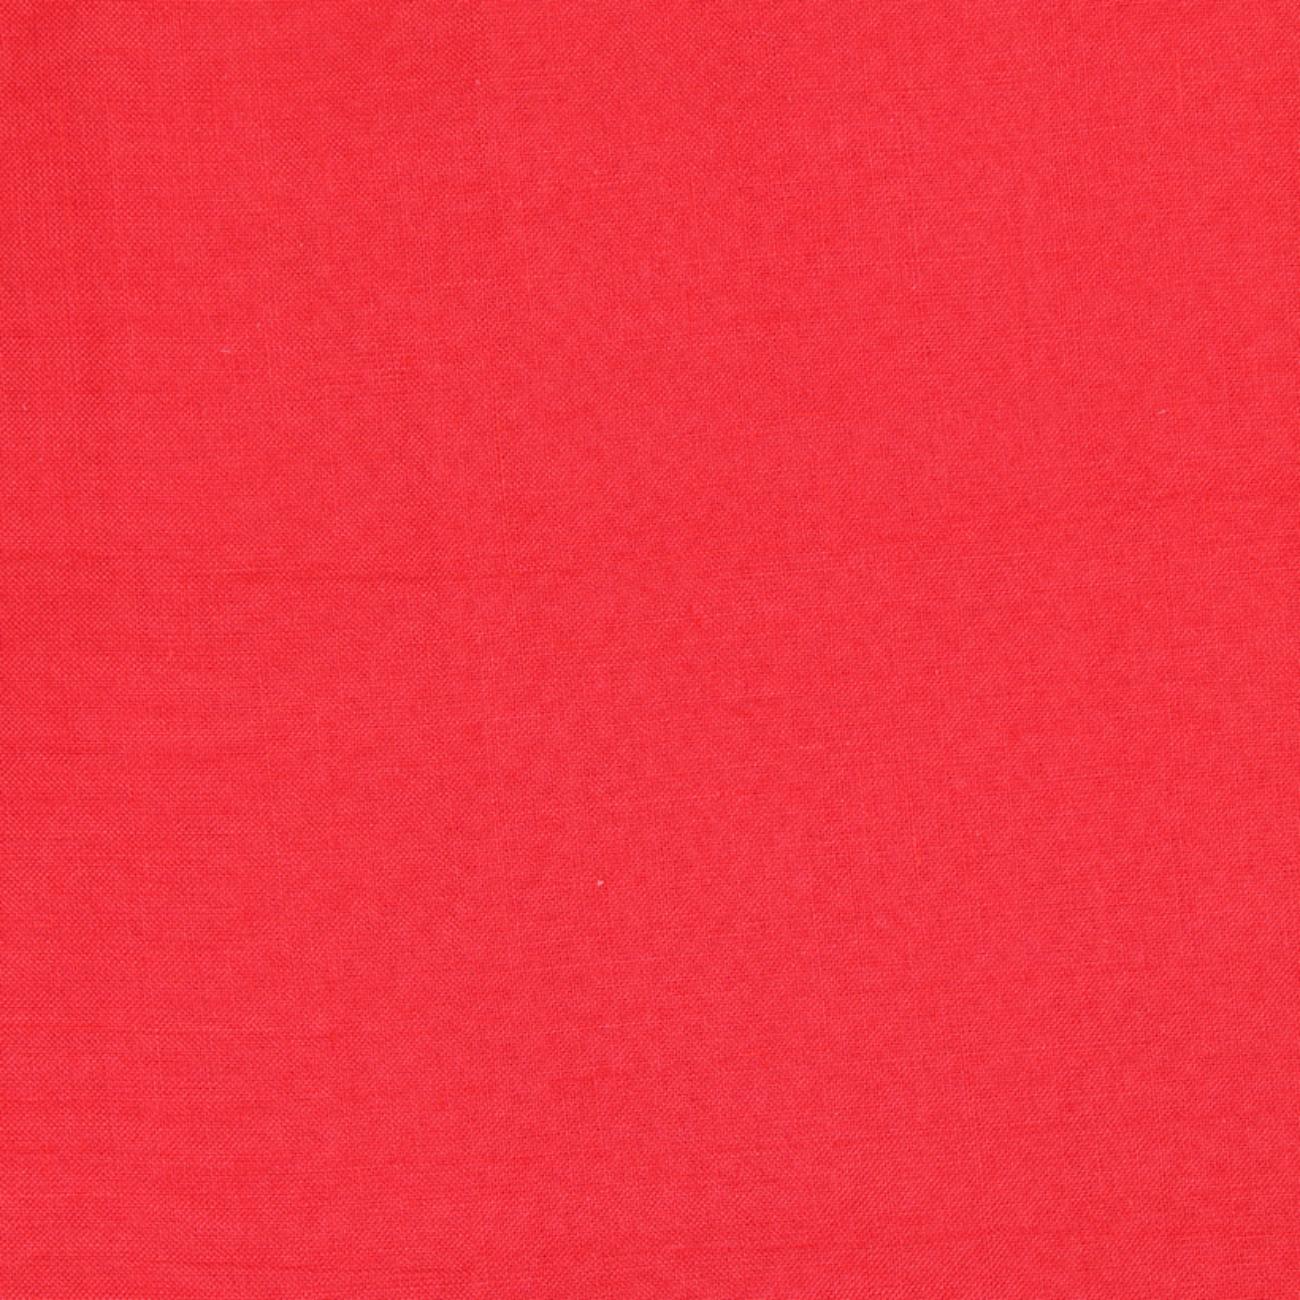 素色 麻感 梭织 染色 春夏秋 连衣裙 半身裙 衬衫 女装 70707-3